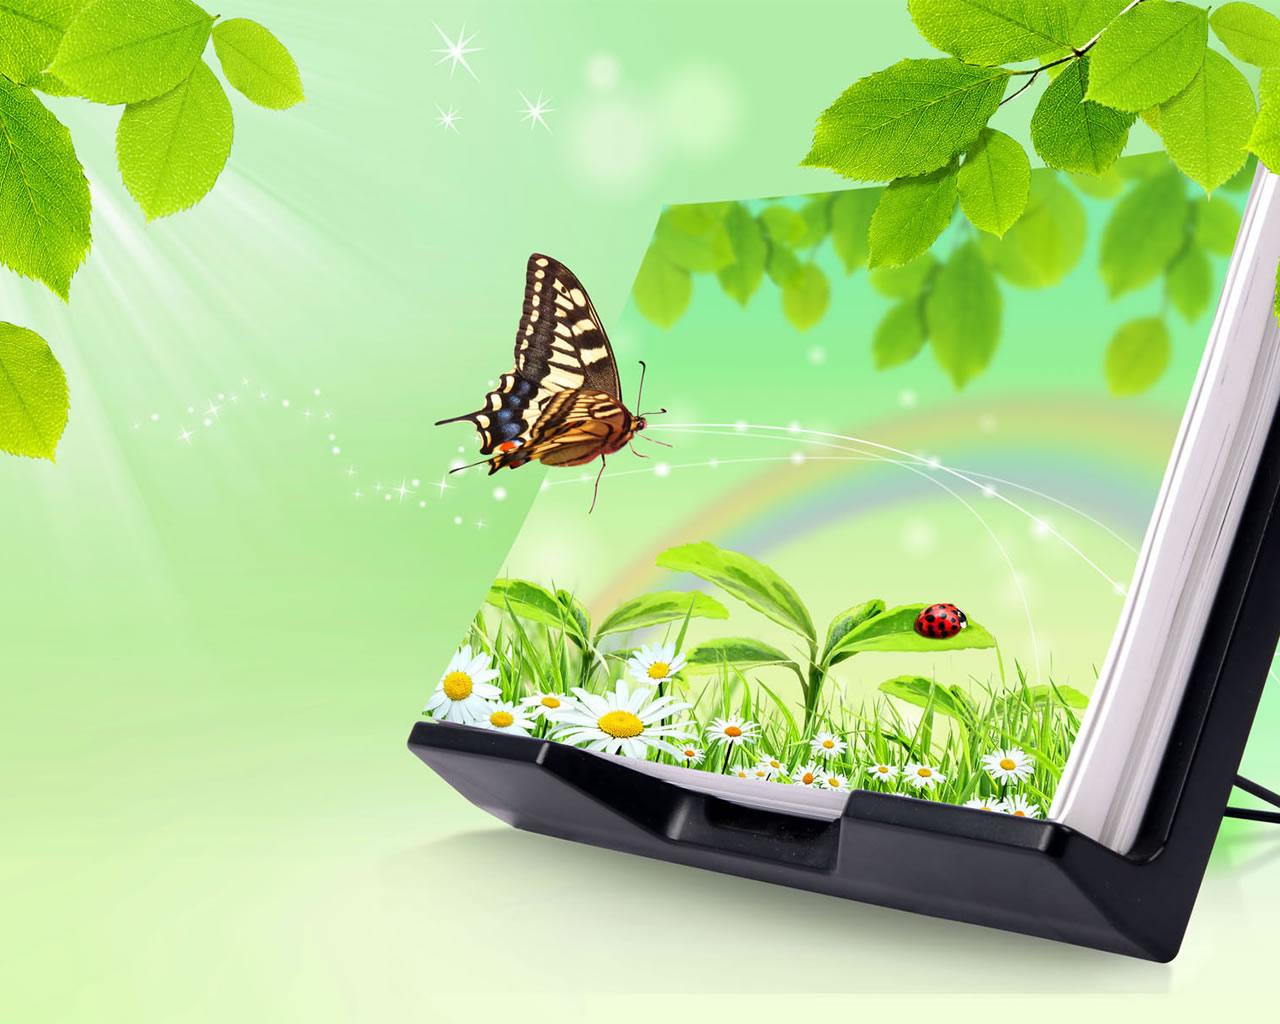 Lamenik 3d Nature Backgrounds